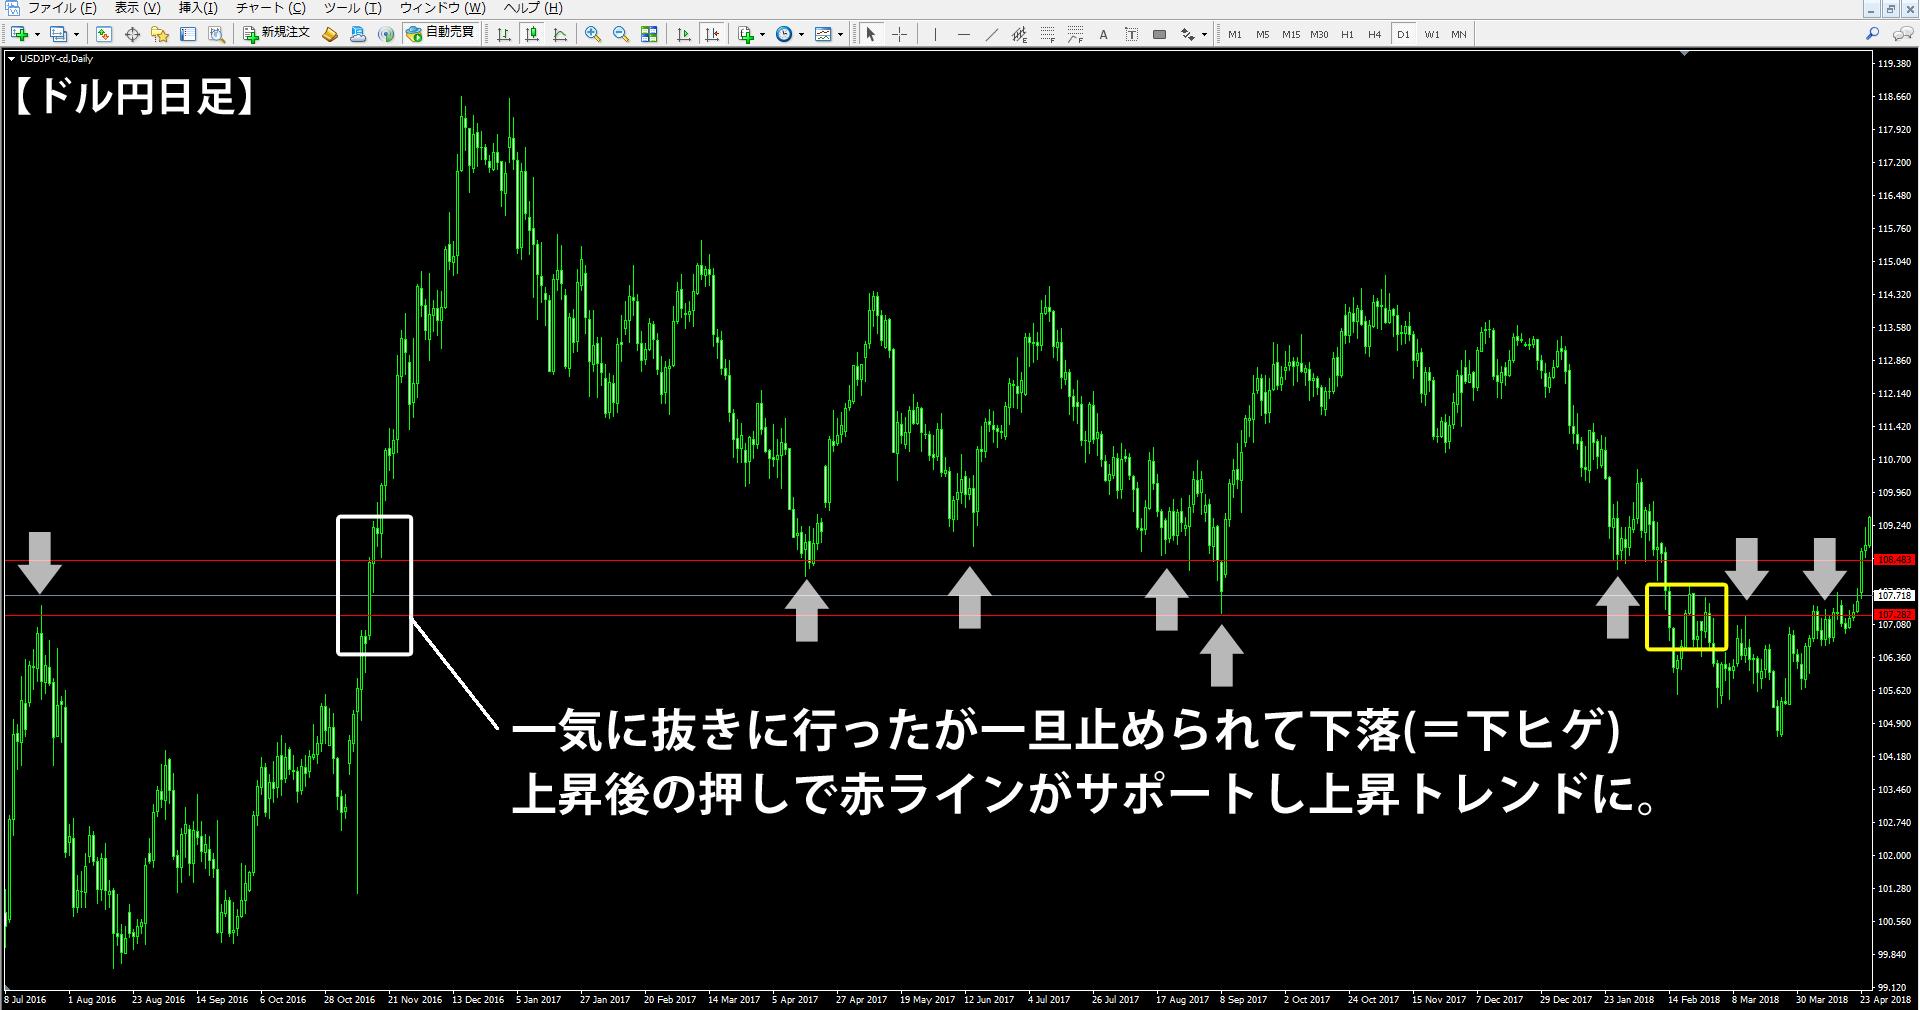 ドル円の日足チャートでロールリバーサルが起きている場所の解説(その2)